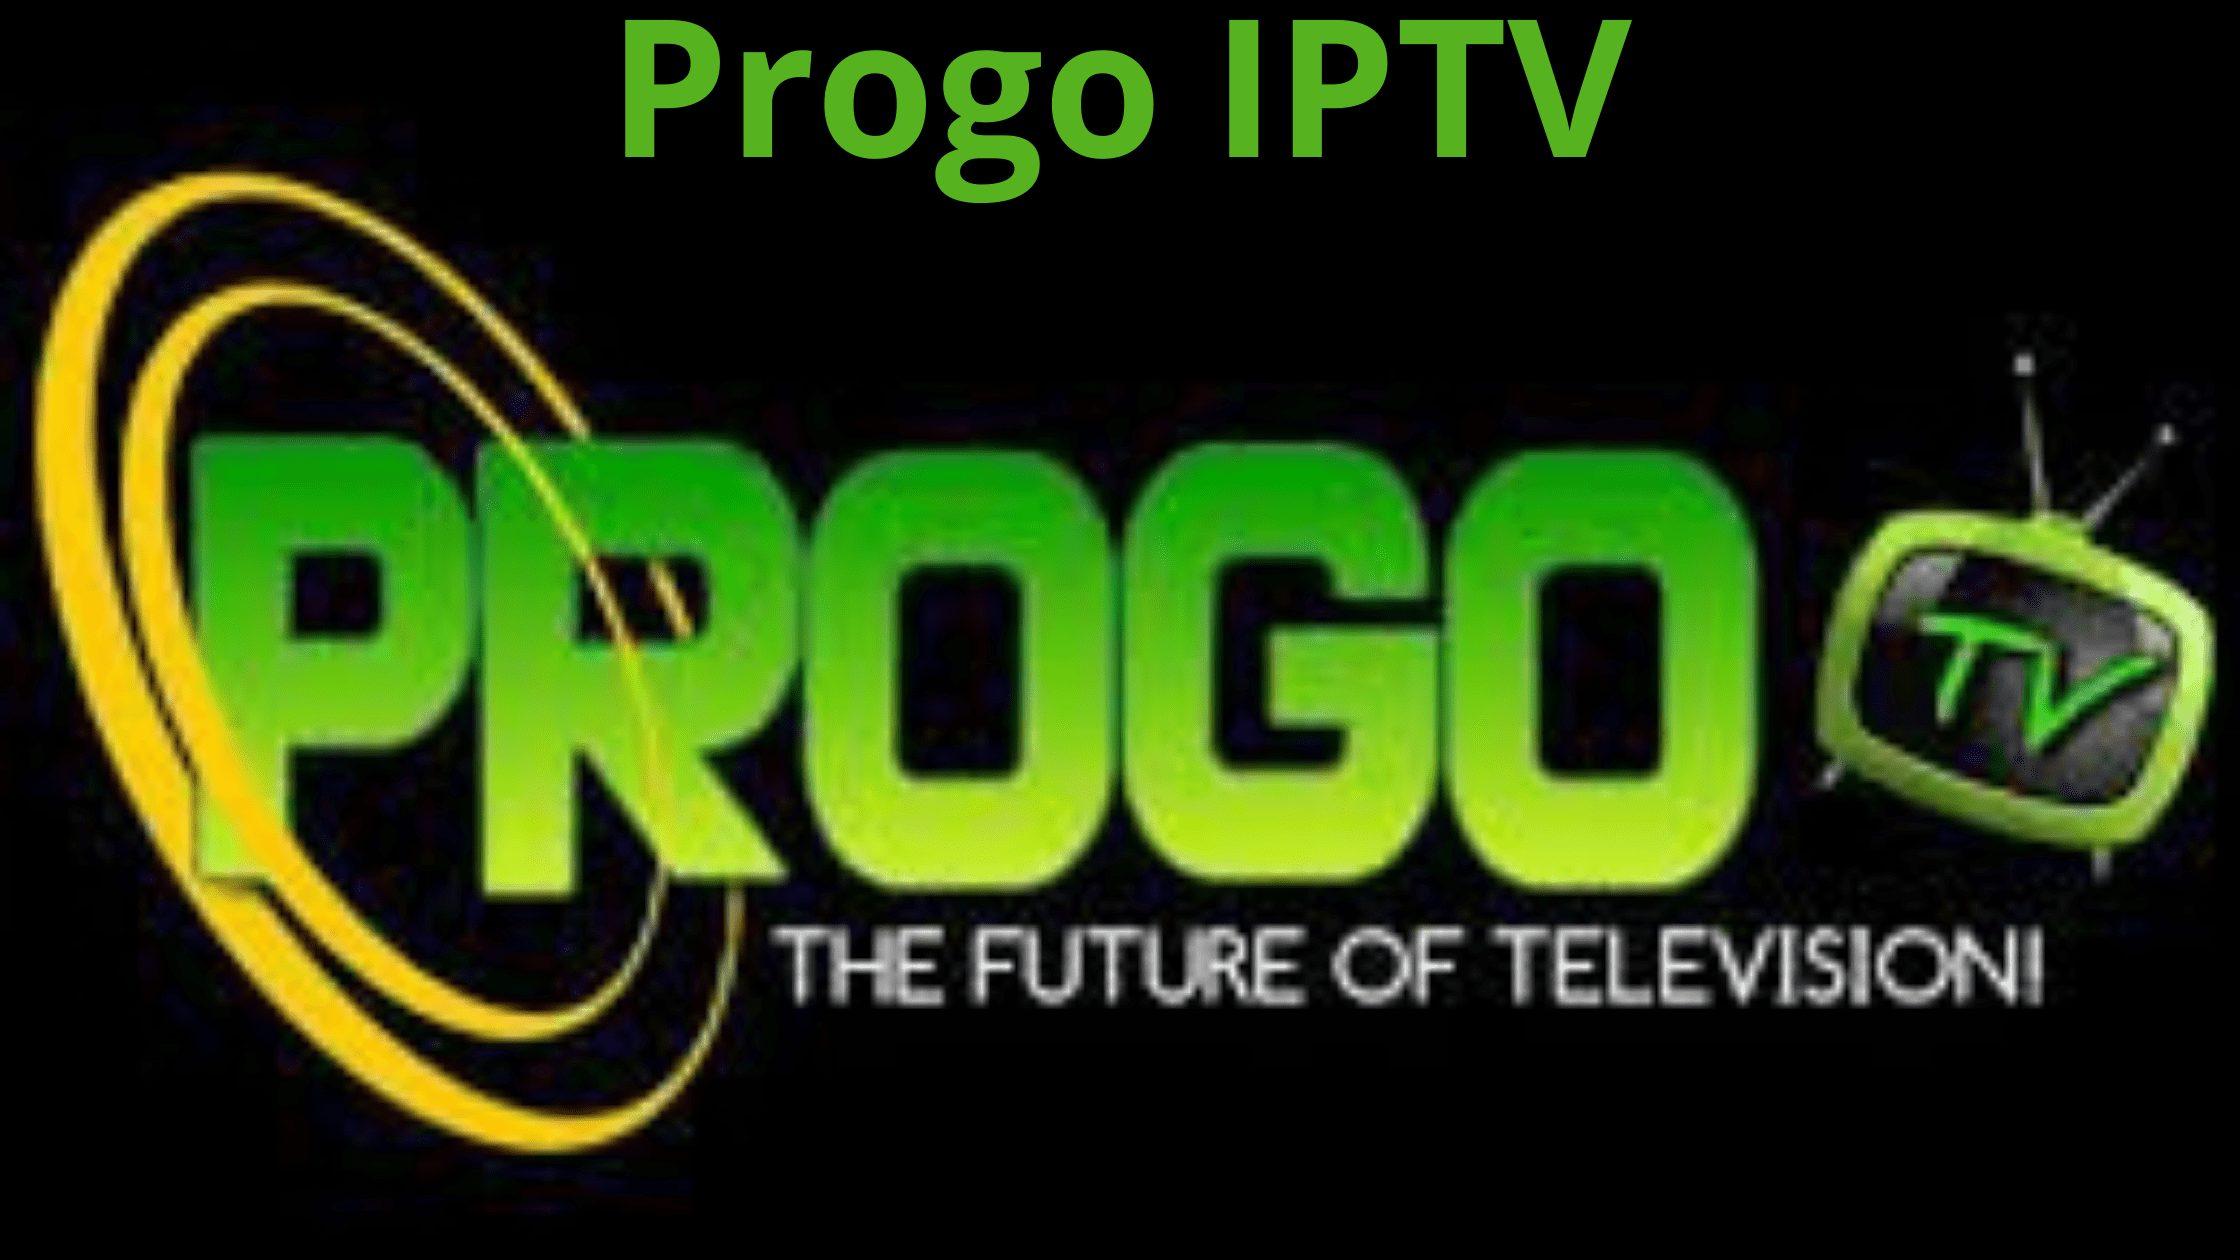 Progo IPTV